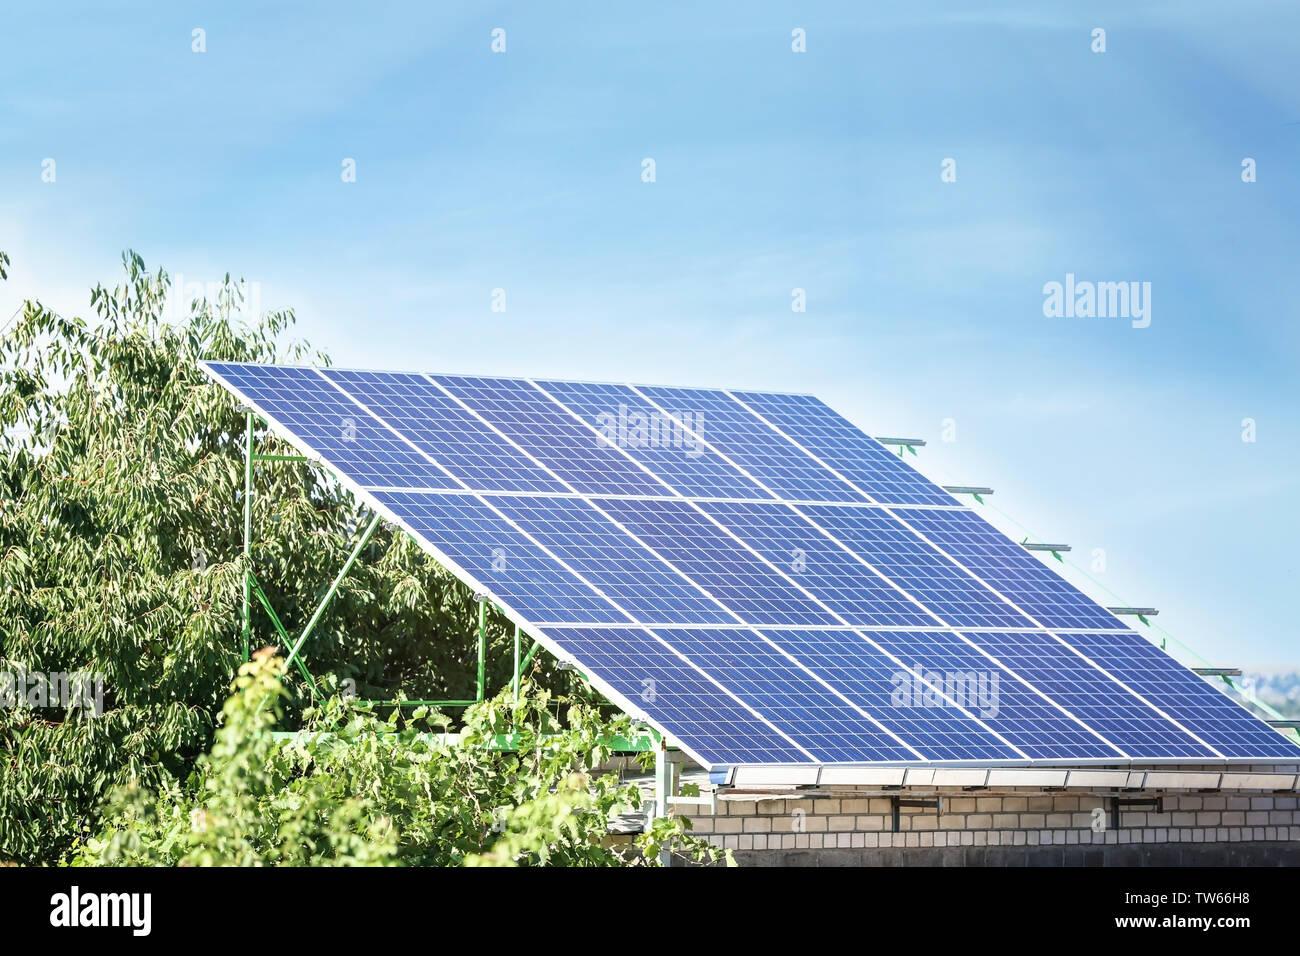 Conjunto de paneles solares de construcción metálica en el exterior Imagen De Stock